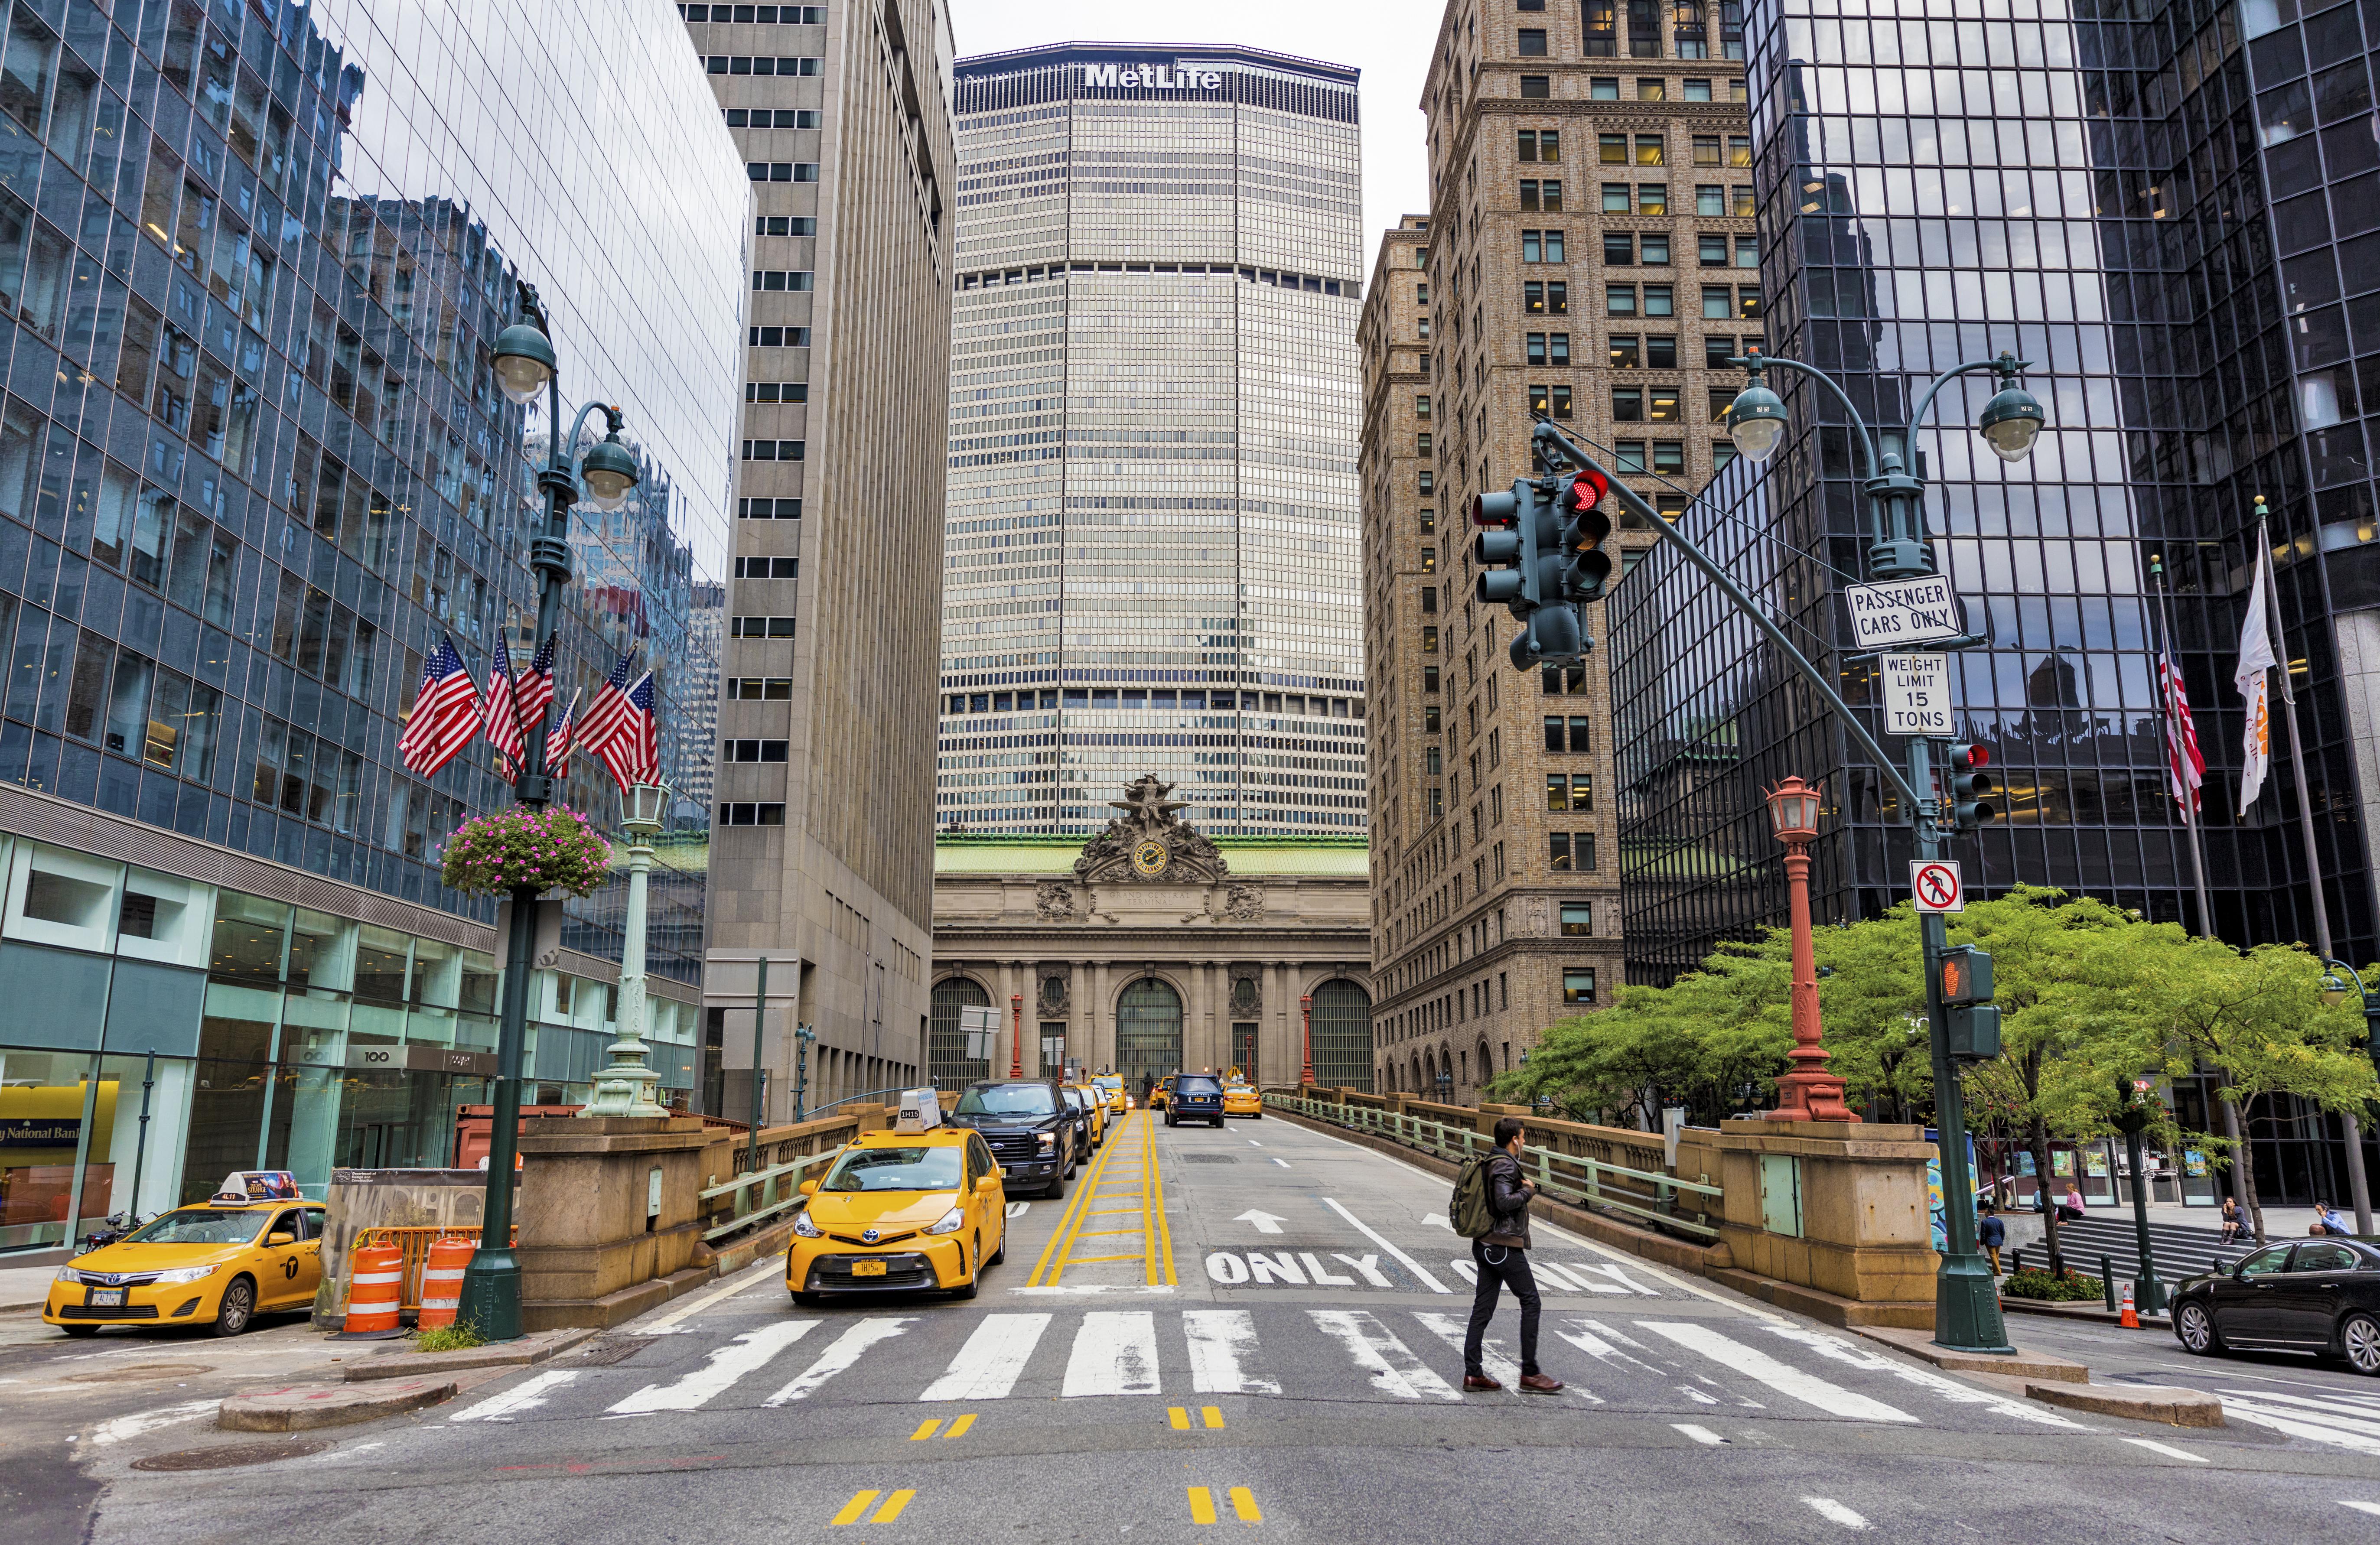 Invisalign near Grand Central Terminal